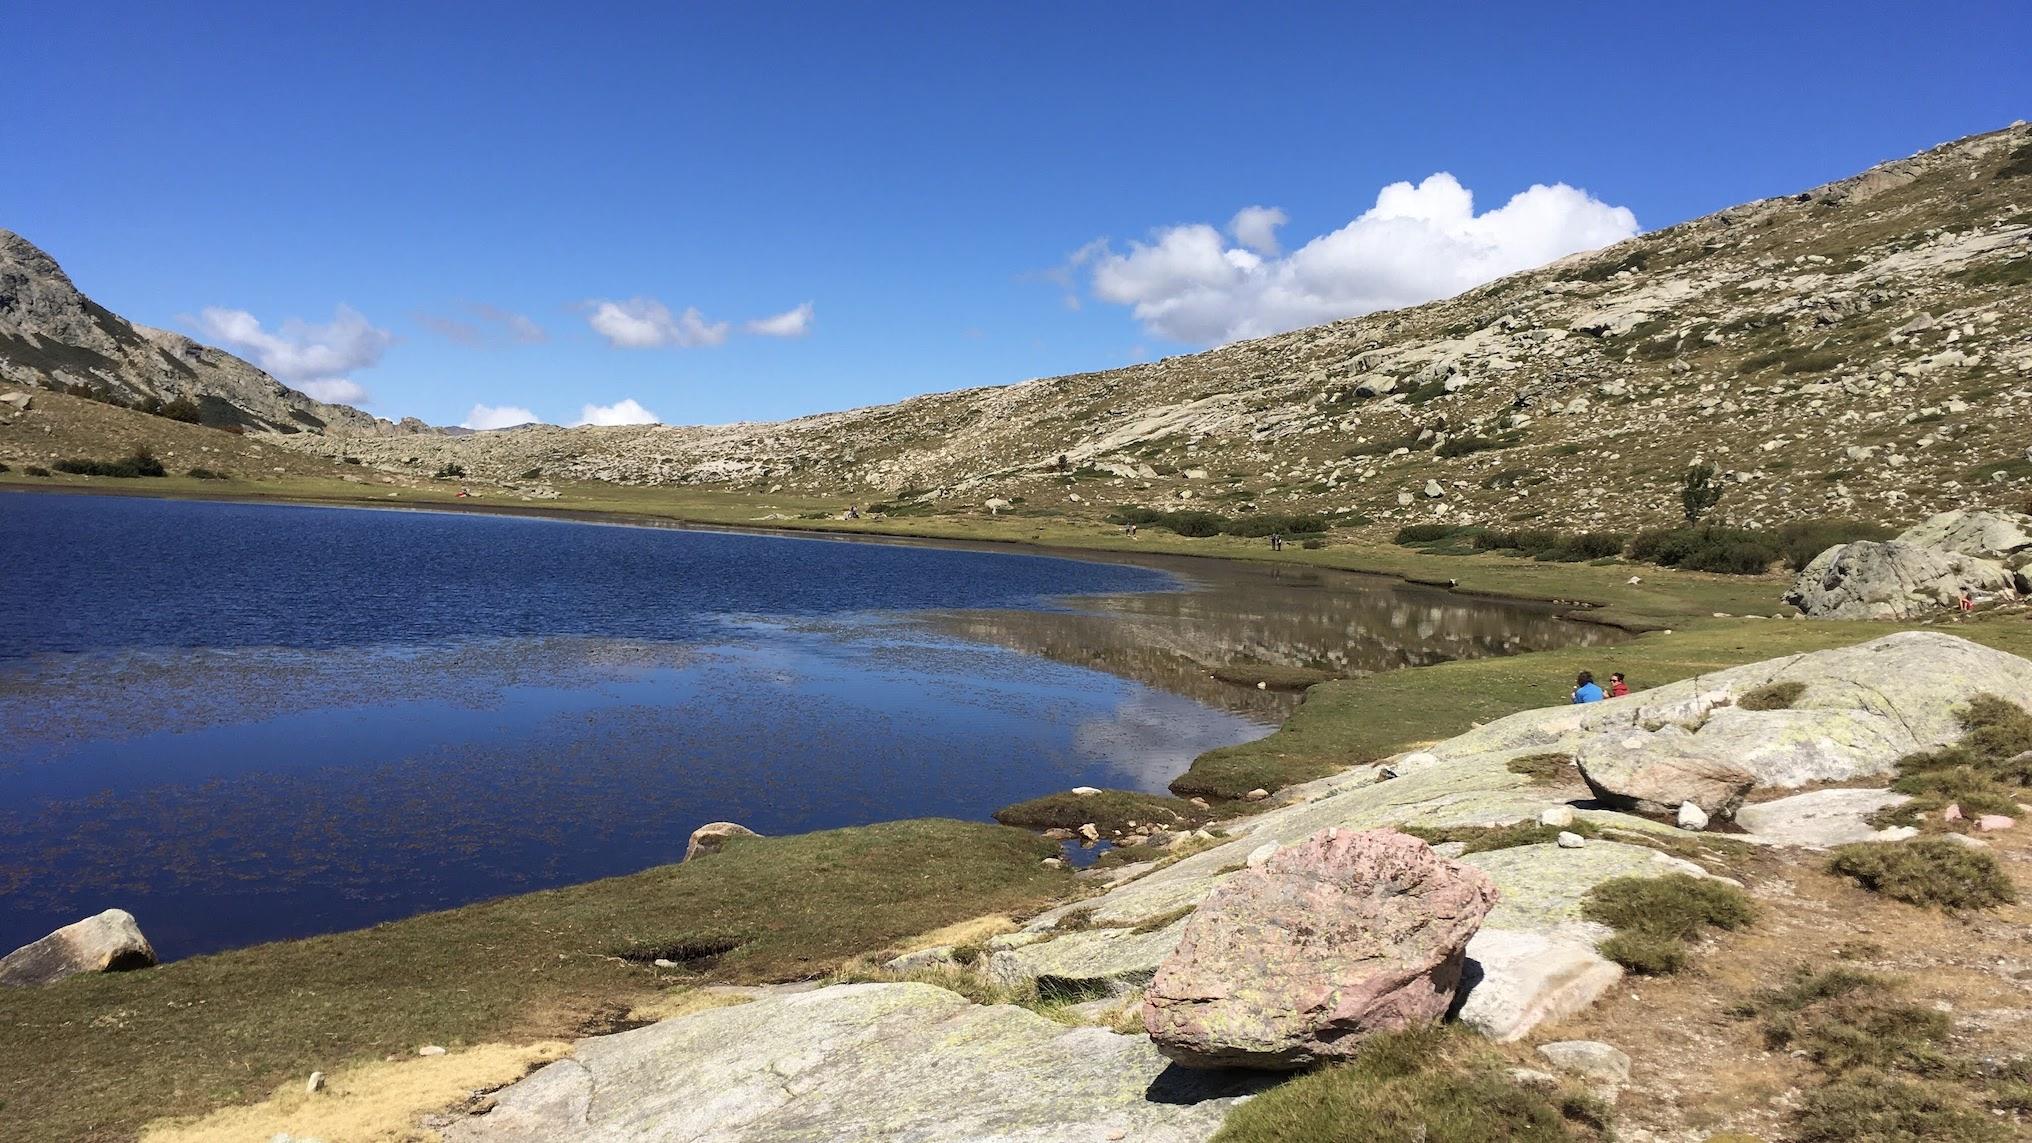 Le lac de Ninu avant le récent coup de froid (Photo Apantonio)